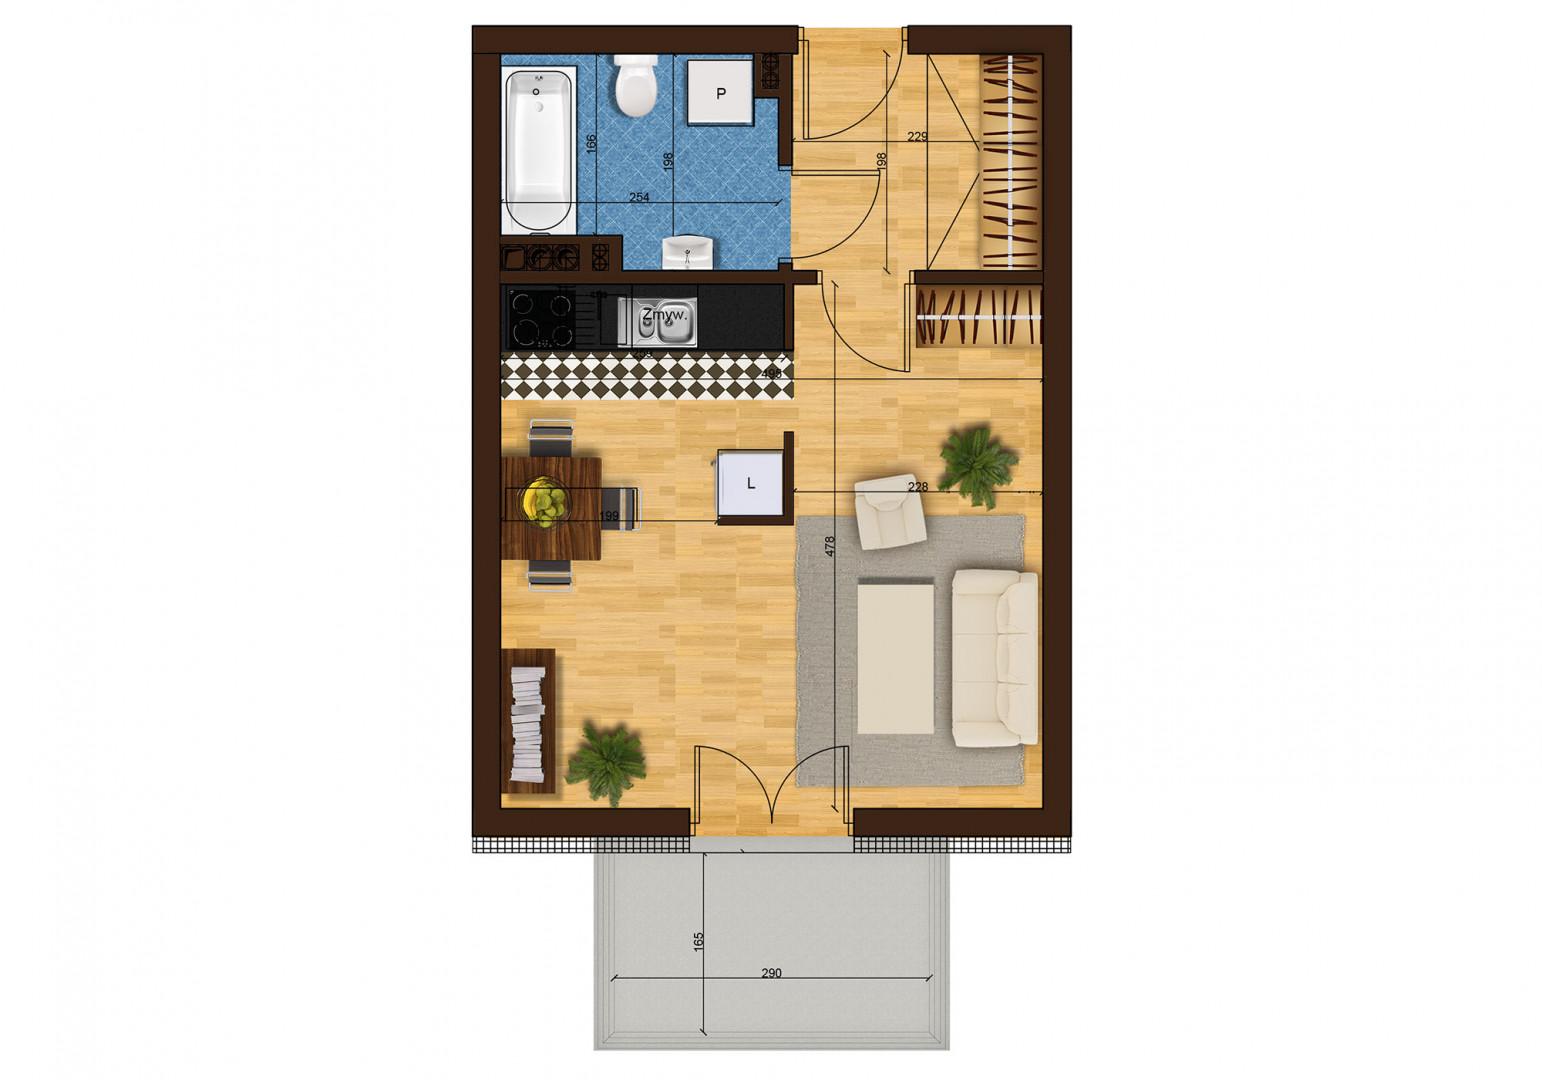 Mieszkanie jednopokojowe 33G/30 rzut 1